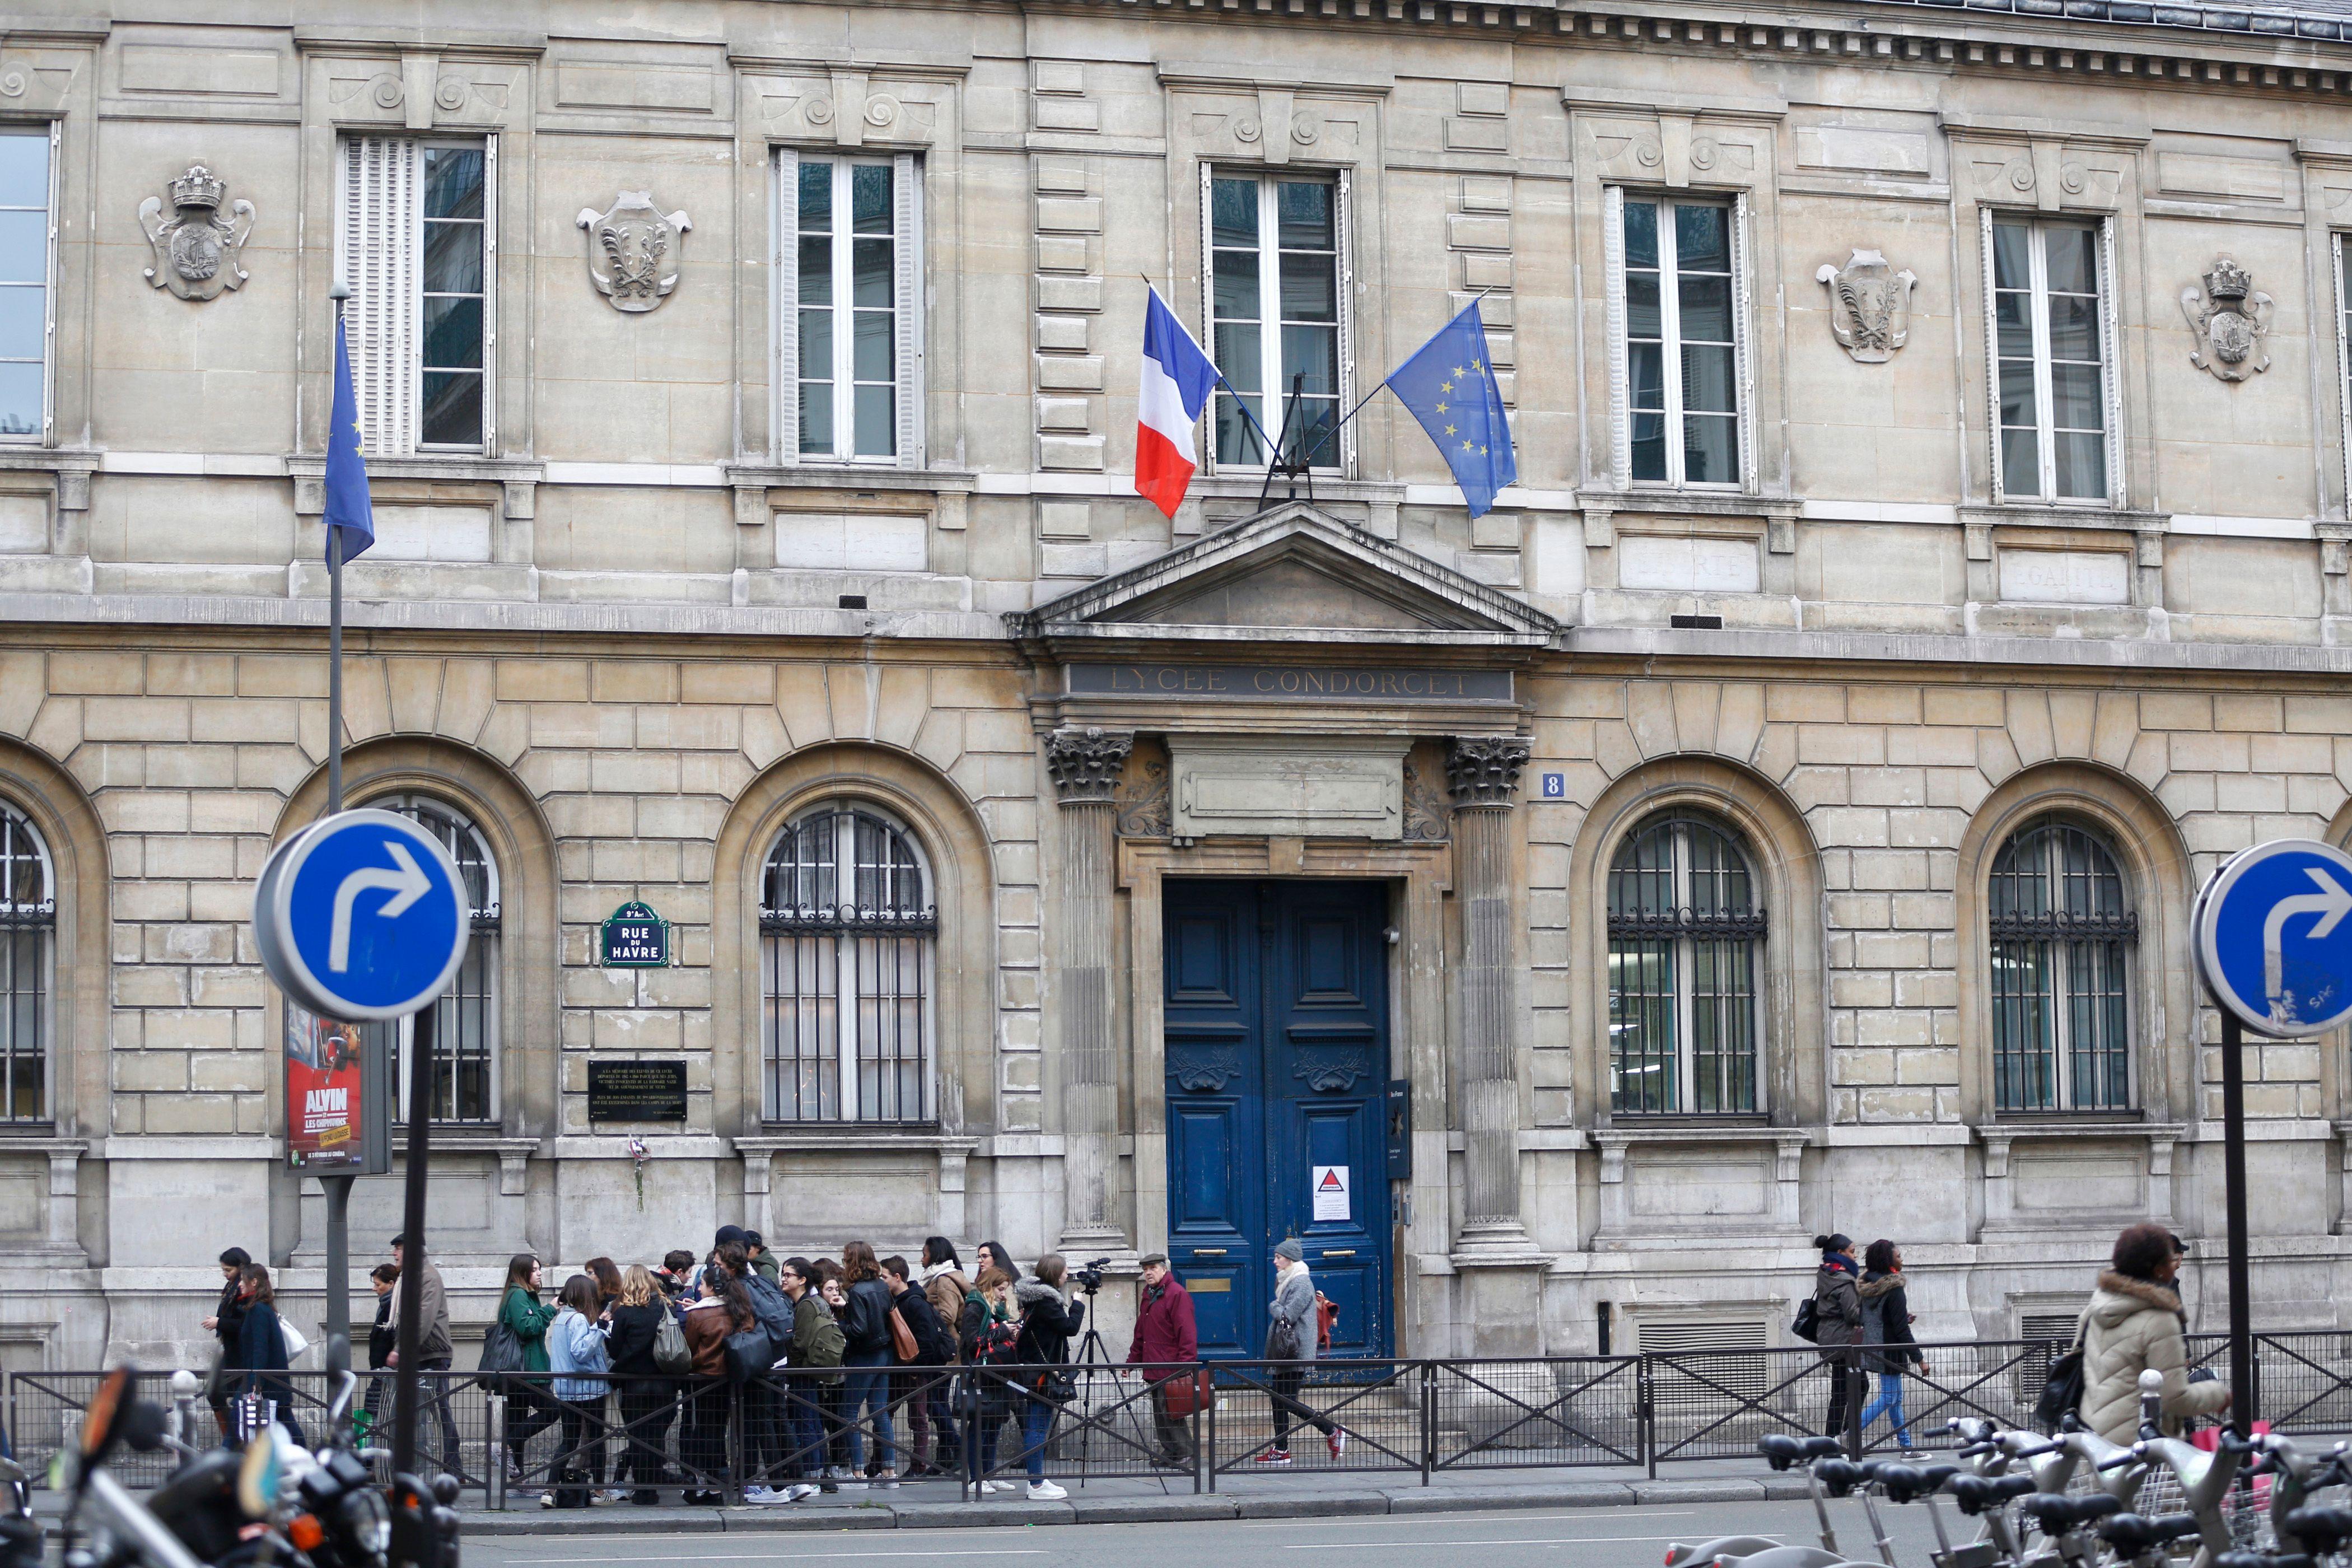 Les officiers de la Sûreté territoriale parisienne ont été envoyés près de Dijon, où le suspect a été interpellé, afin de pouvoir l'interroger.